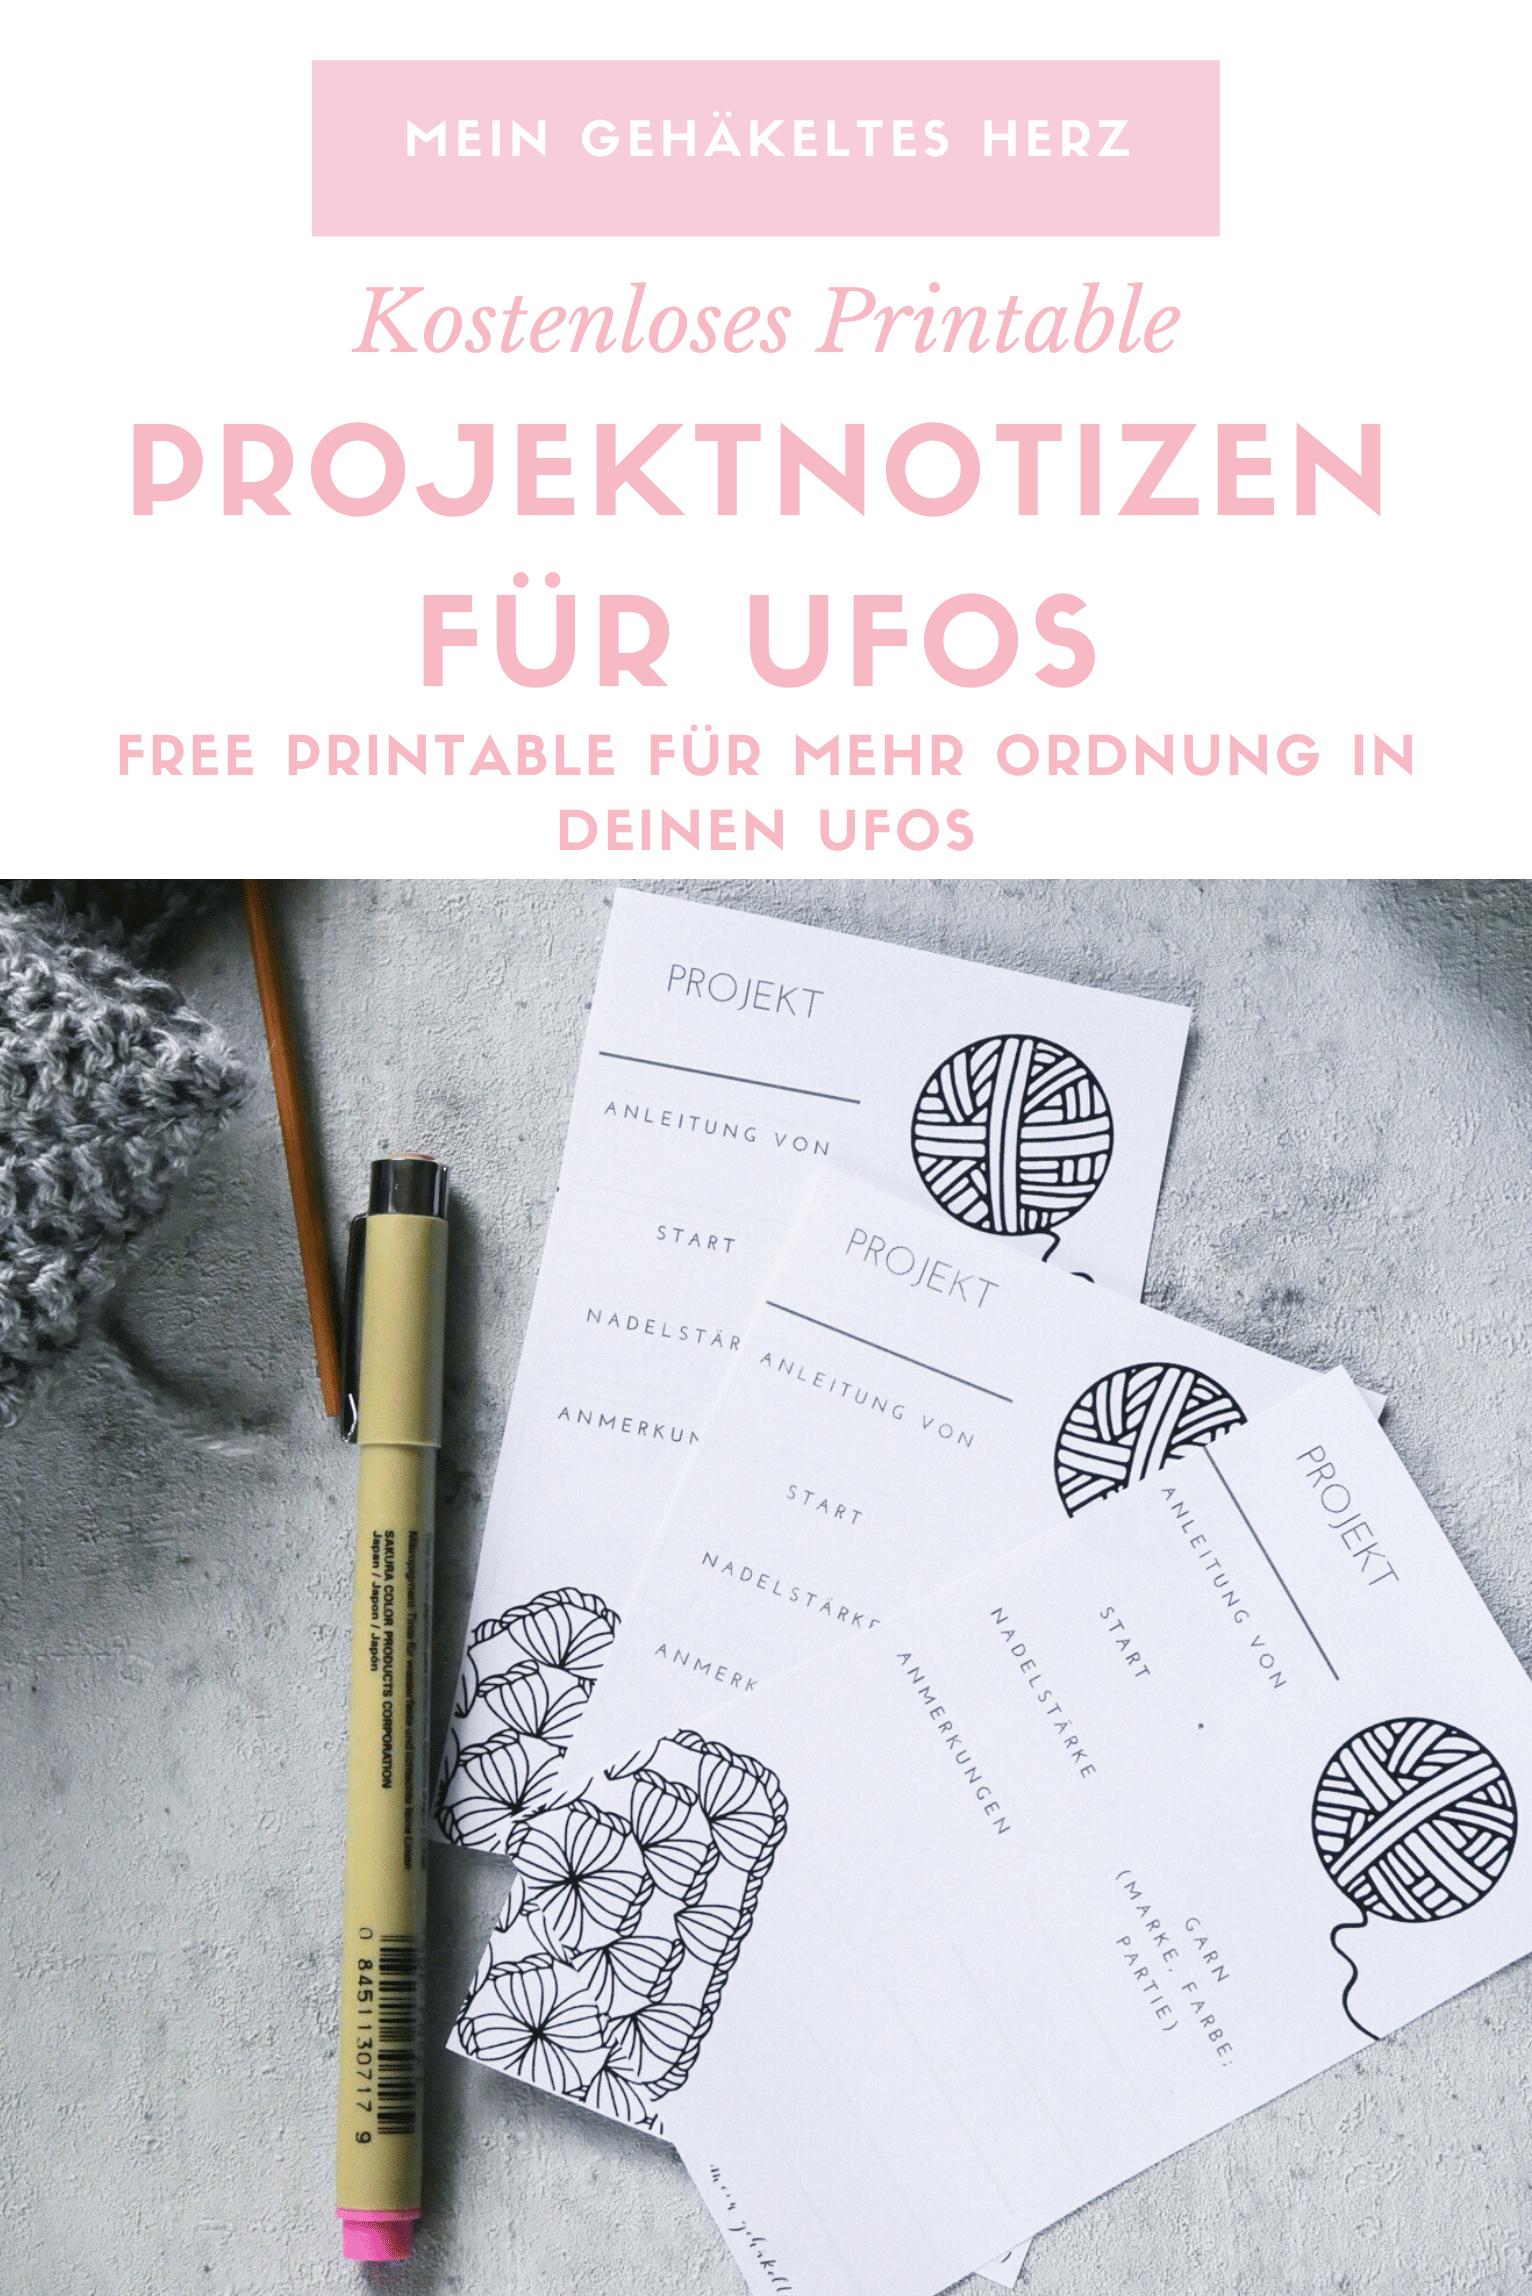 Projektnotizen für Ufos und pausierte Projekte